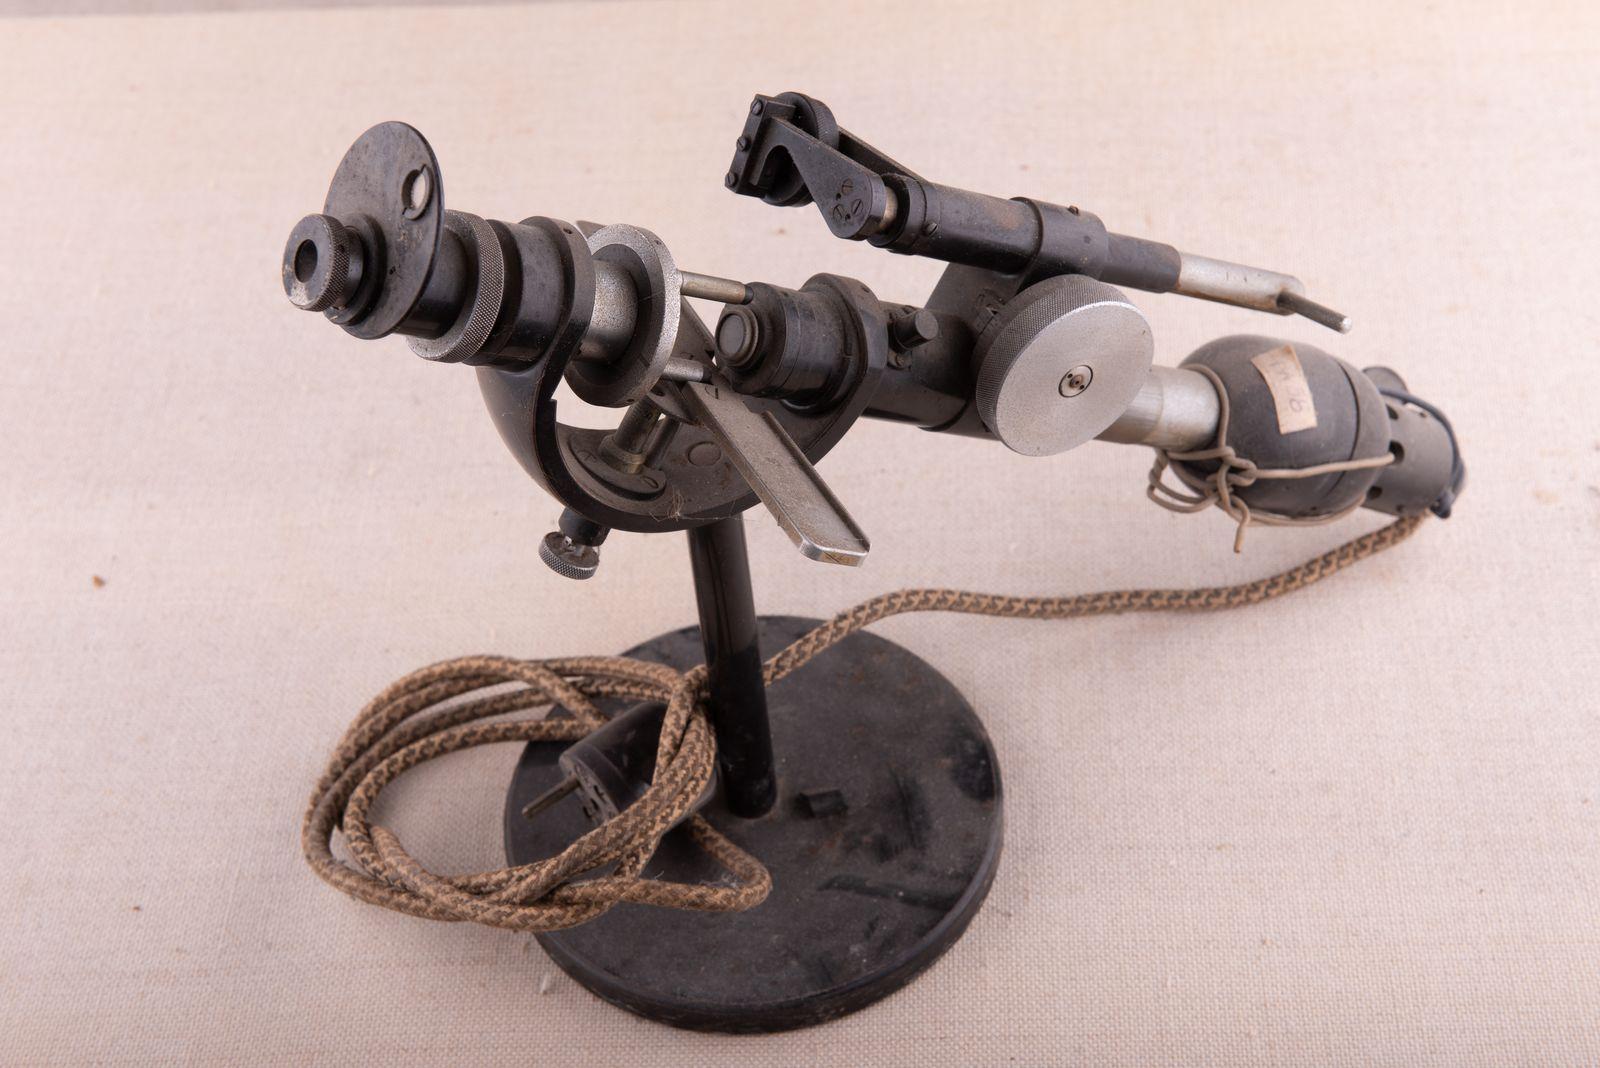 Muzei10_Апарат за измерване, корекция на диоптри, използван в средата на ХХв